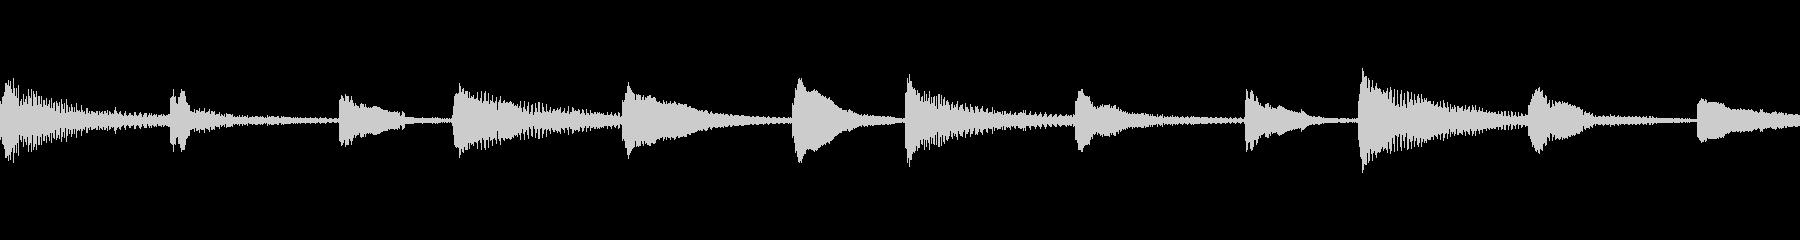 マリンバ、カリンバ、ストリングス、...の未再生の波形